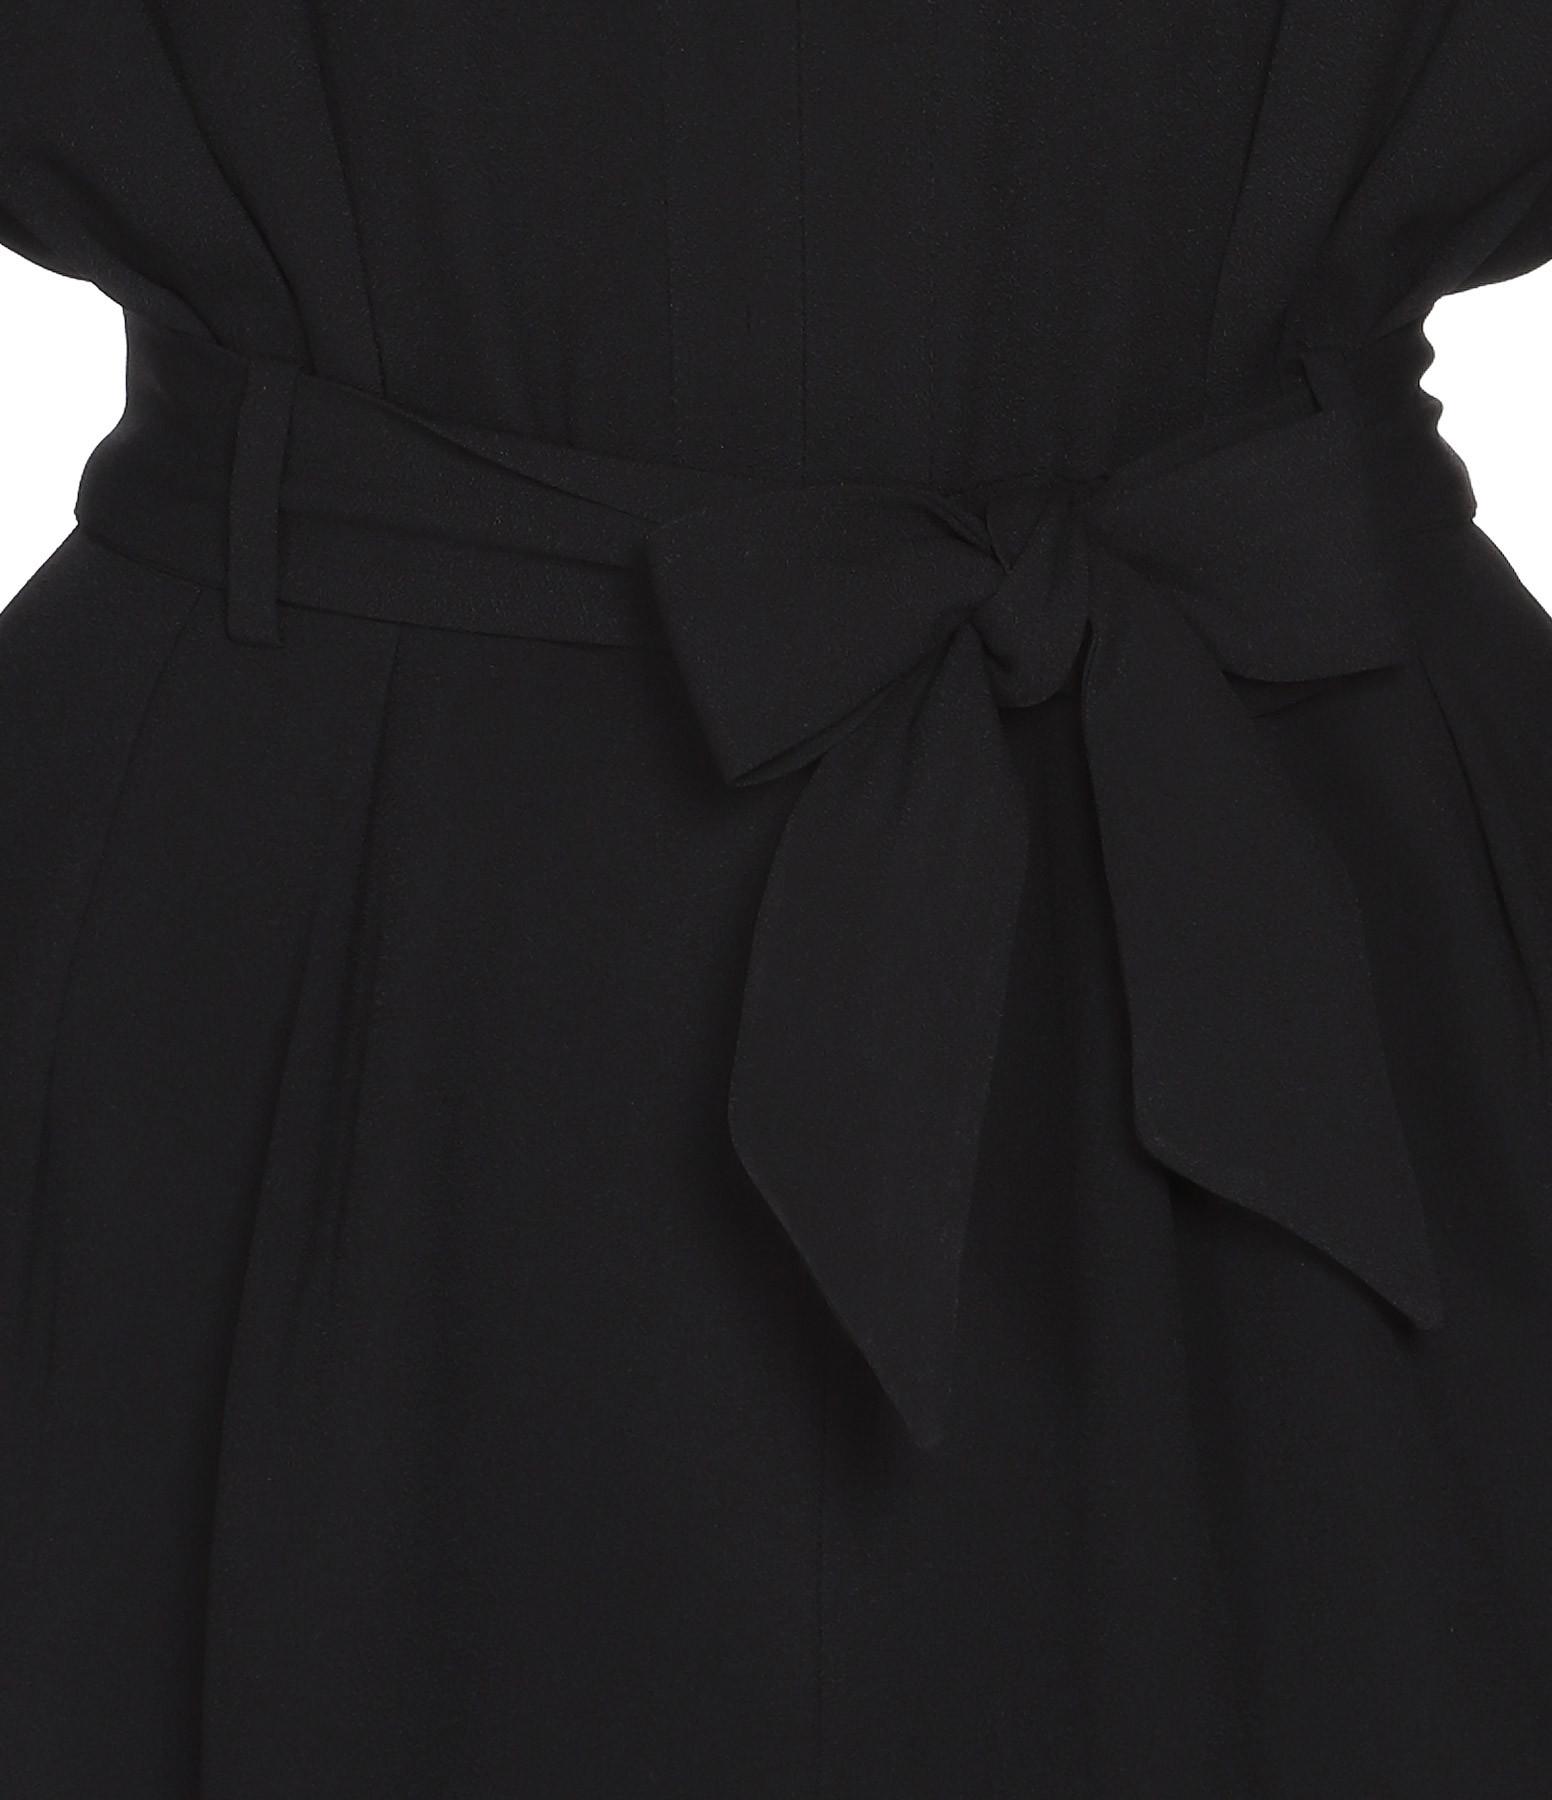 IRO - Combinaison Short Sullana Noir